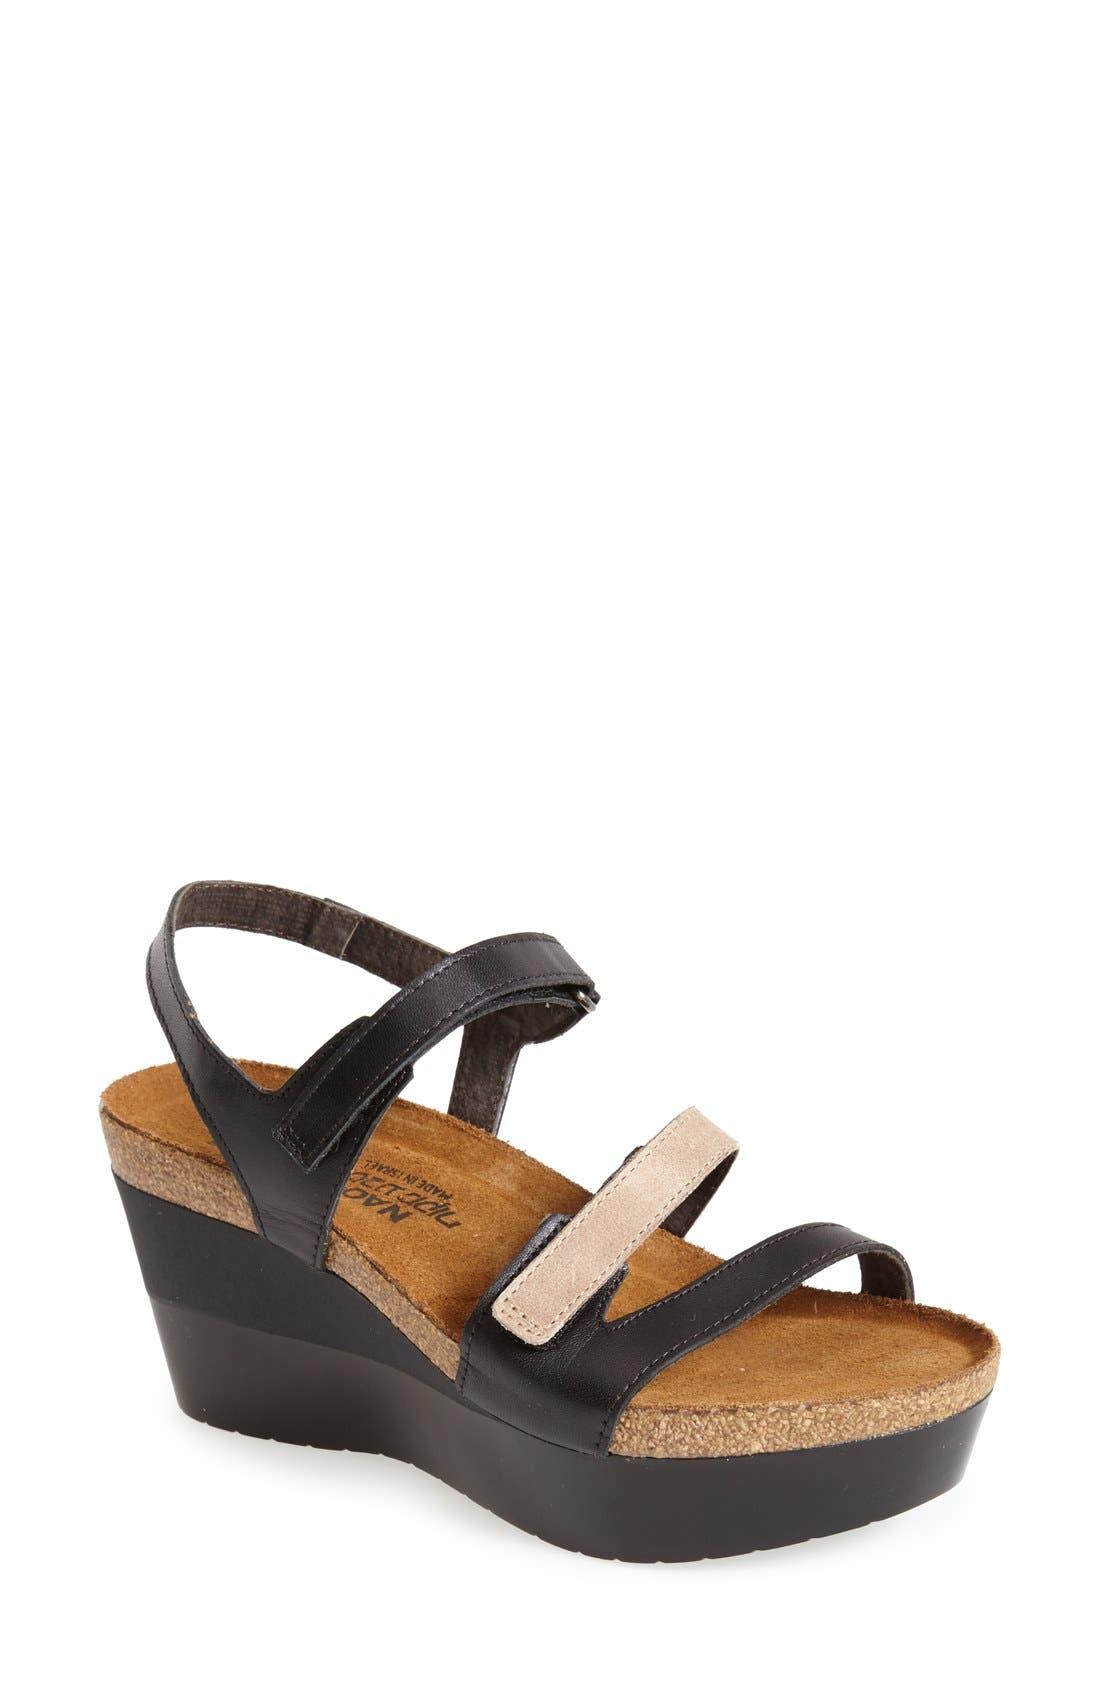 'Canaan' Wedge Sandal,                         Main,                         color, Black/ Beige